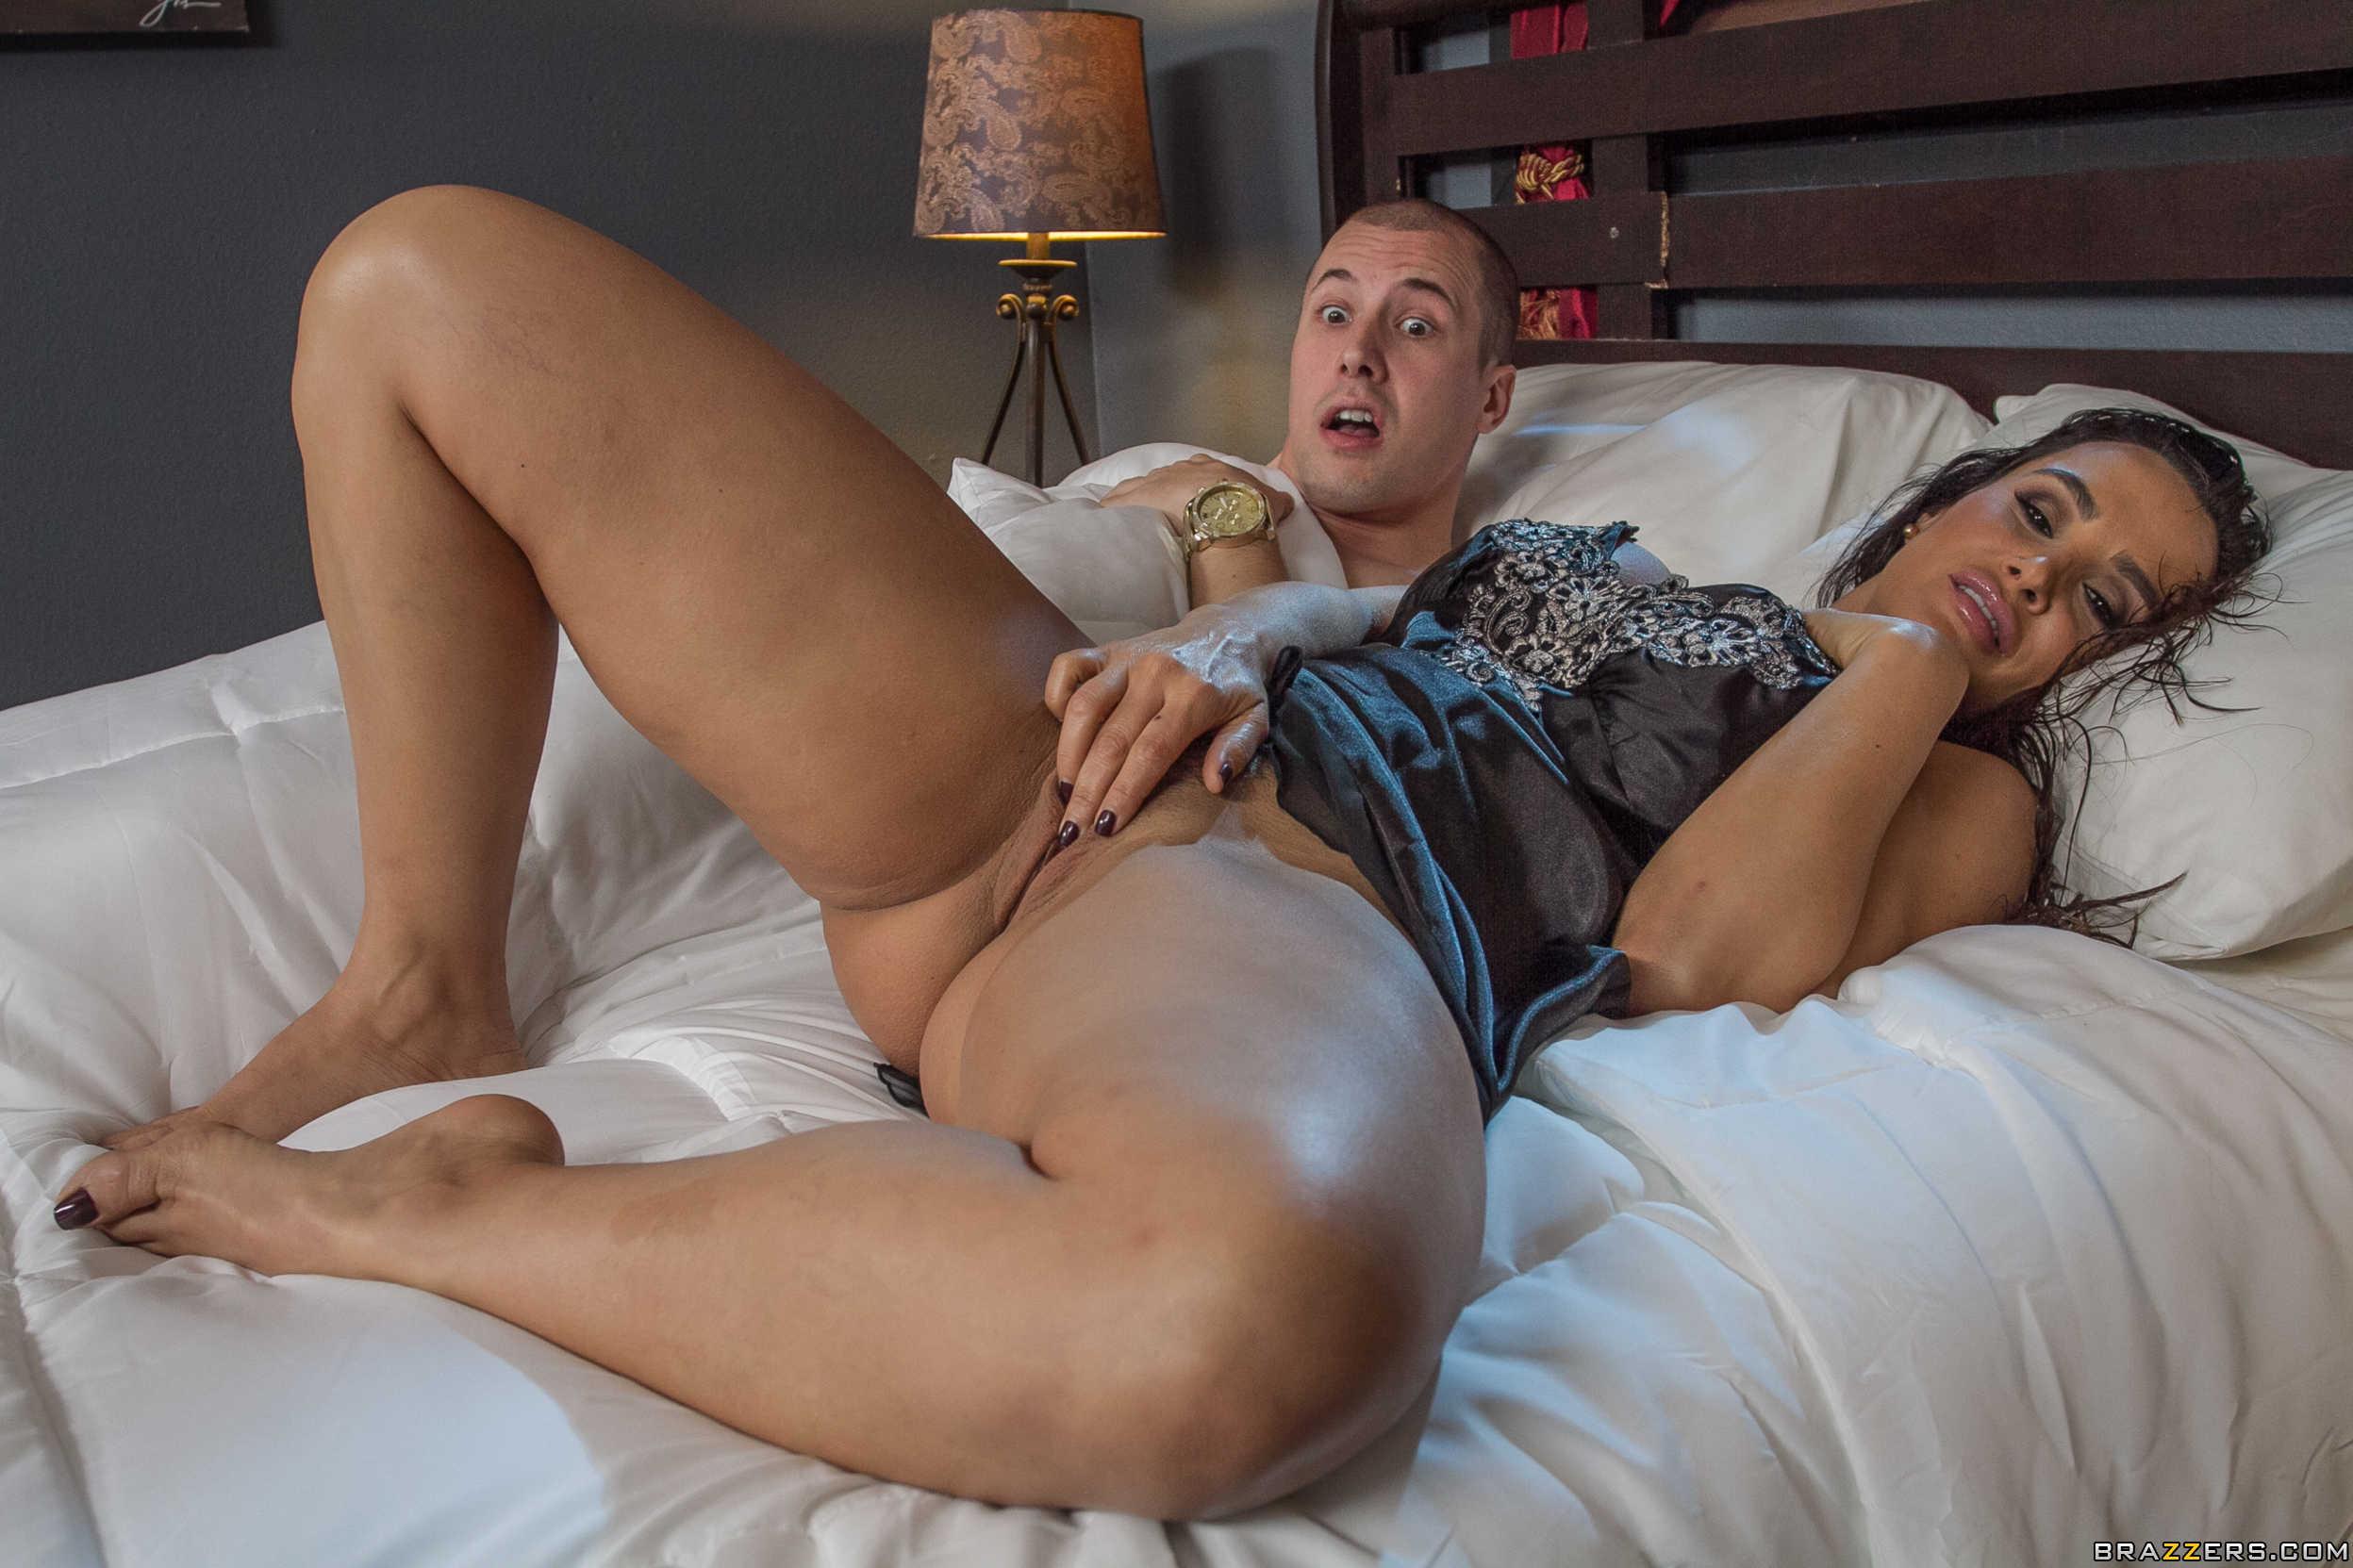 Шикарную мачеха порно, Порно Мачеха -видео. Смотреть порно онлайн! 4 фотография